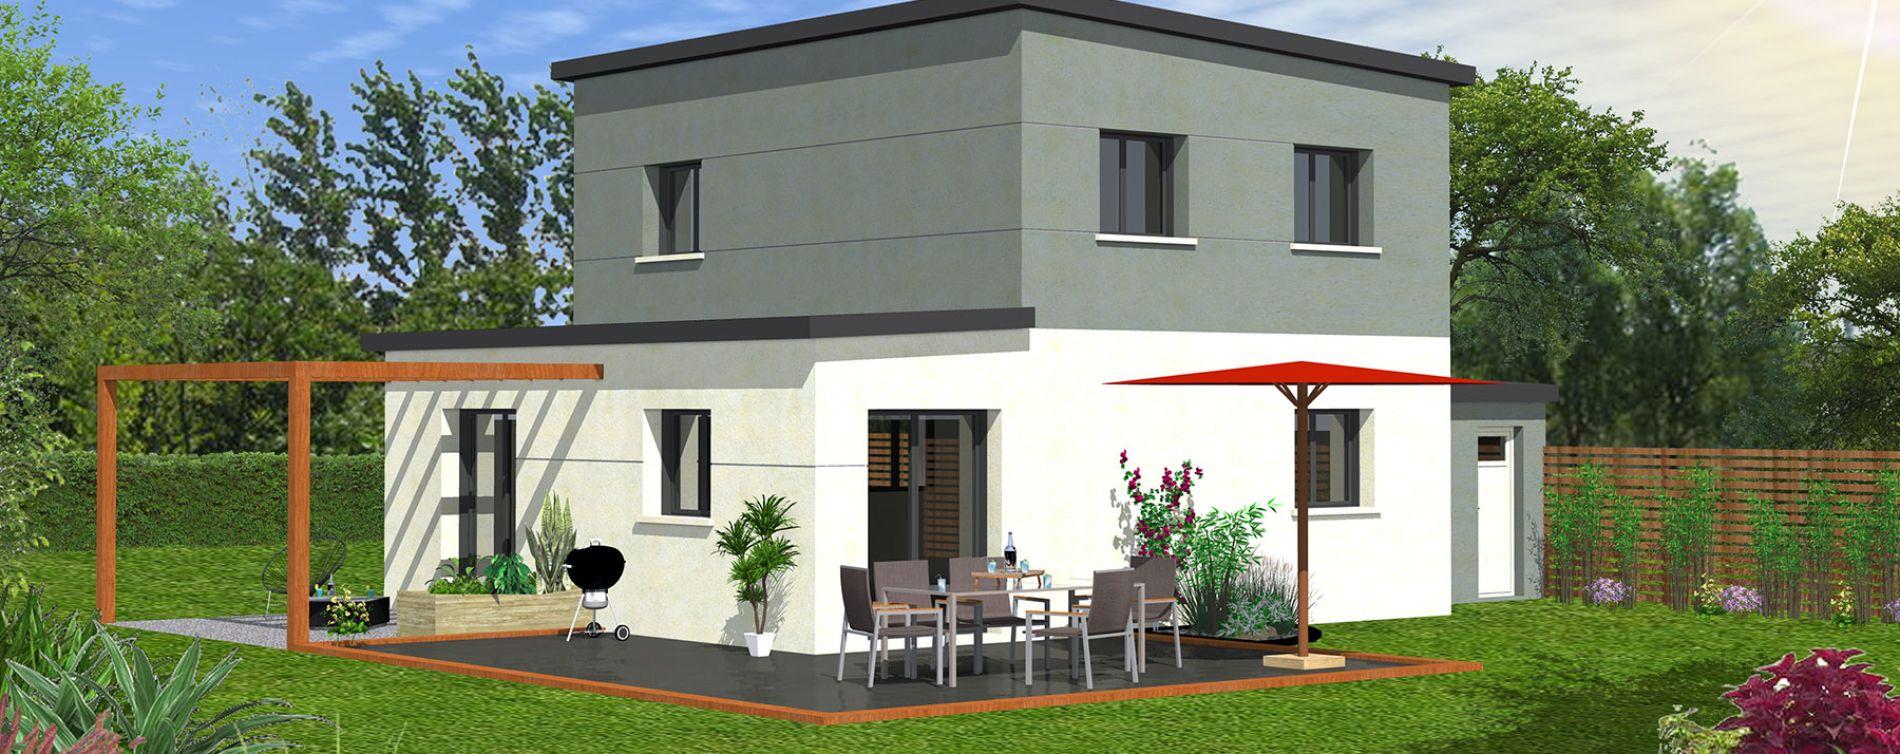 Trémaouézan : programme immobilier neuve « Les Molinies » (5)